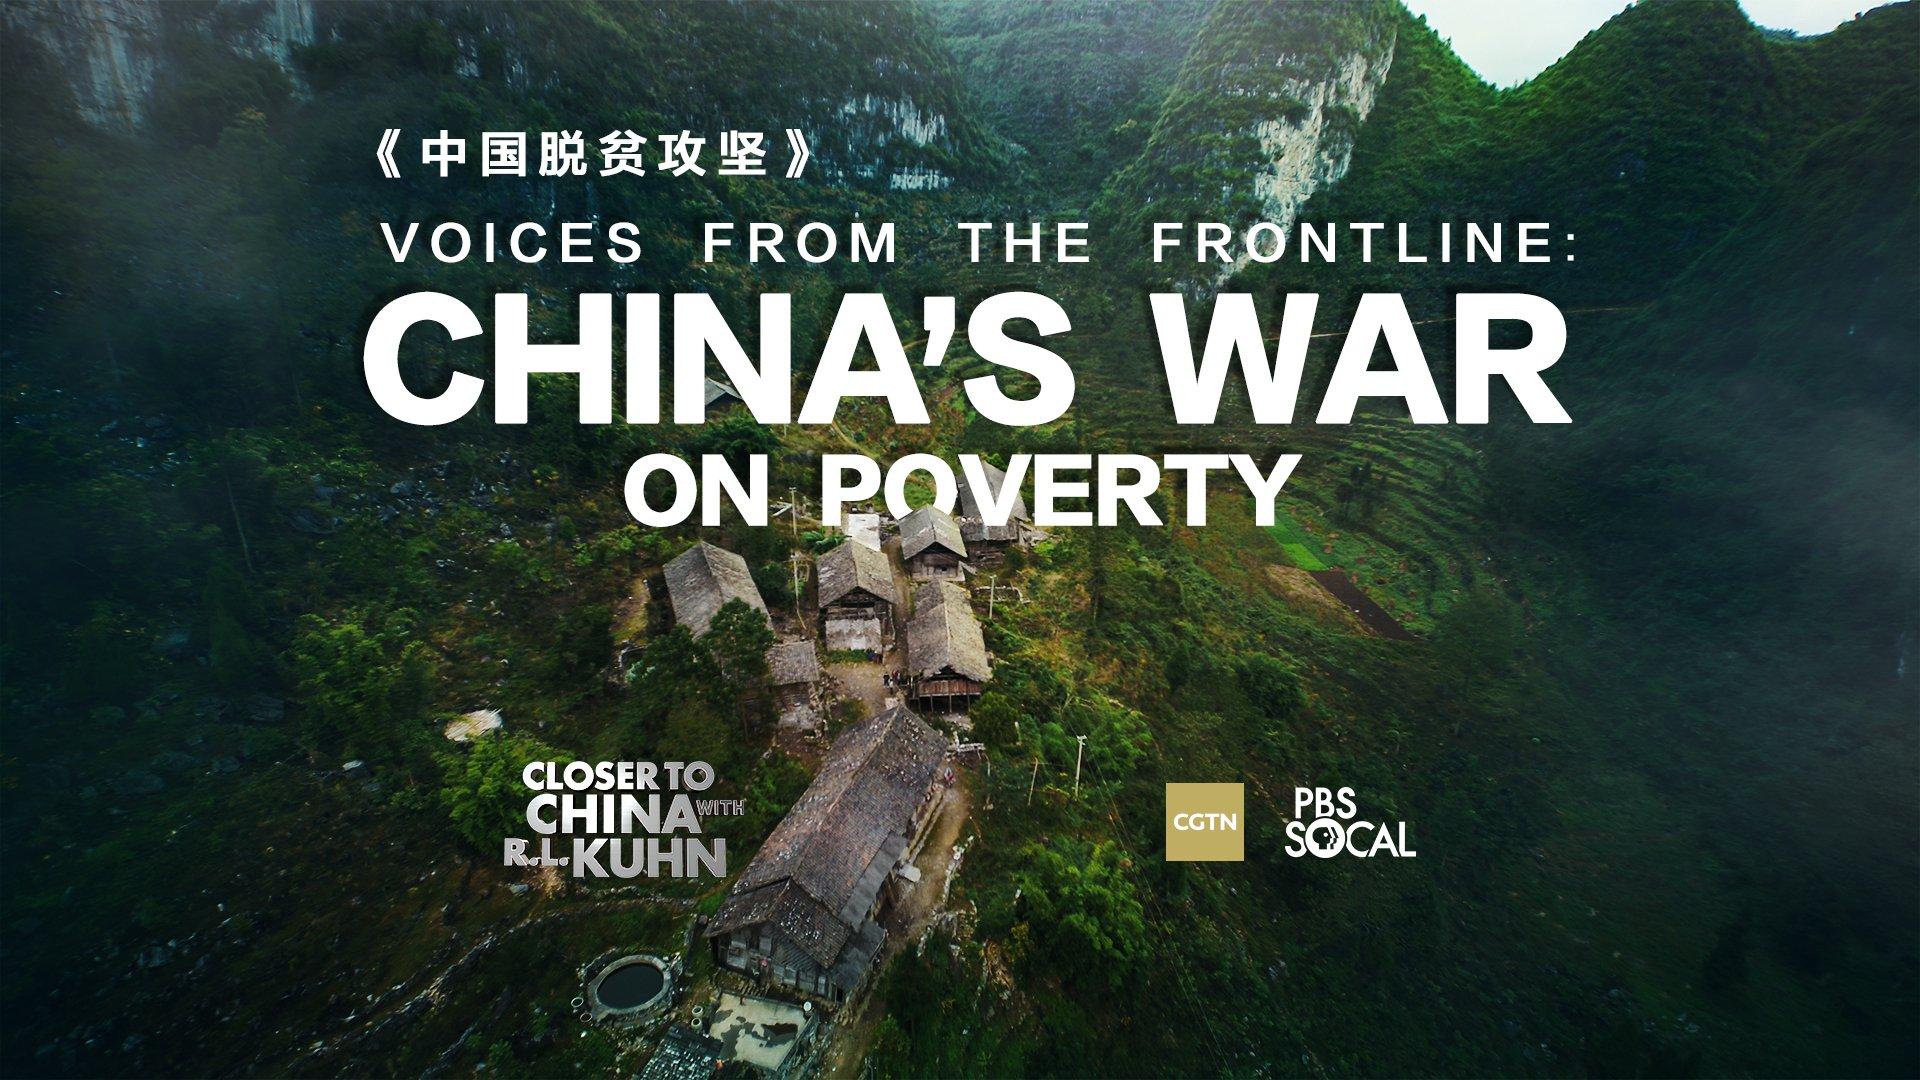 前线发声:中国扶贫之役